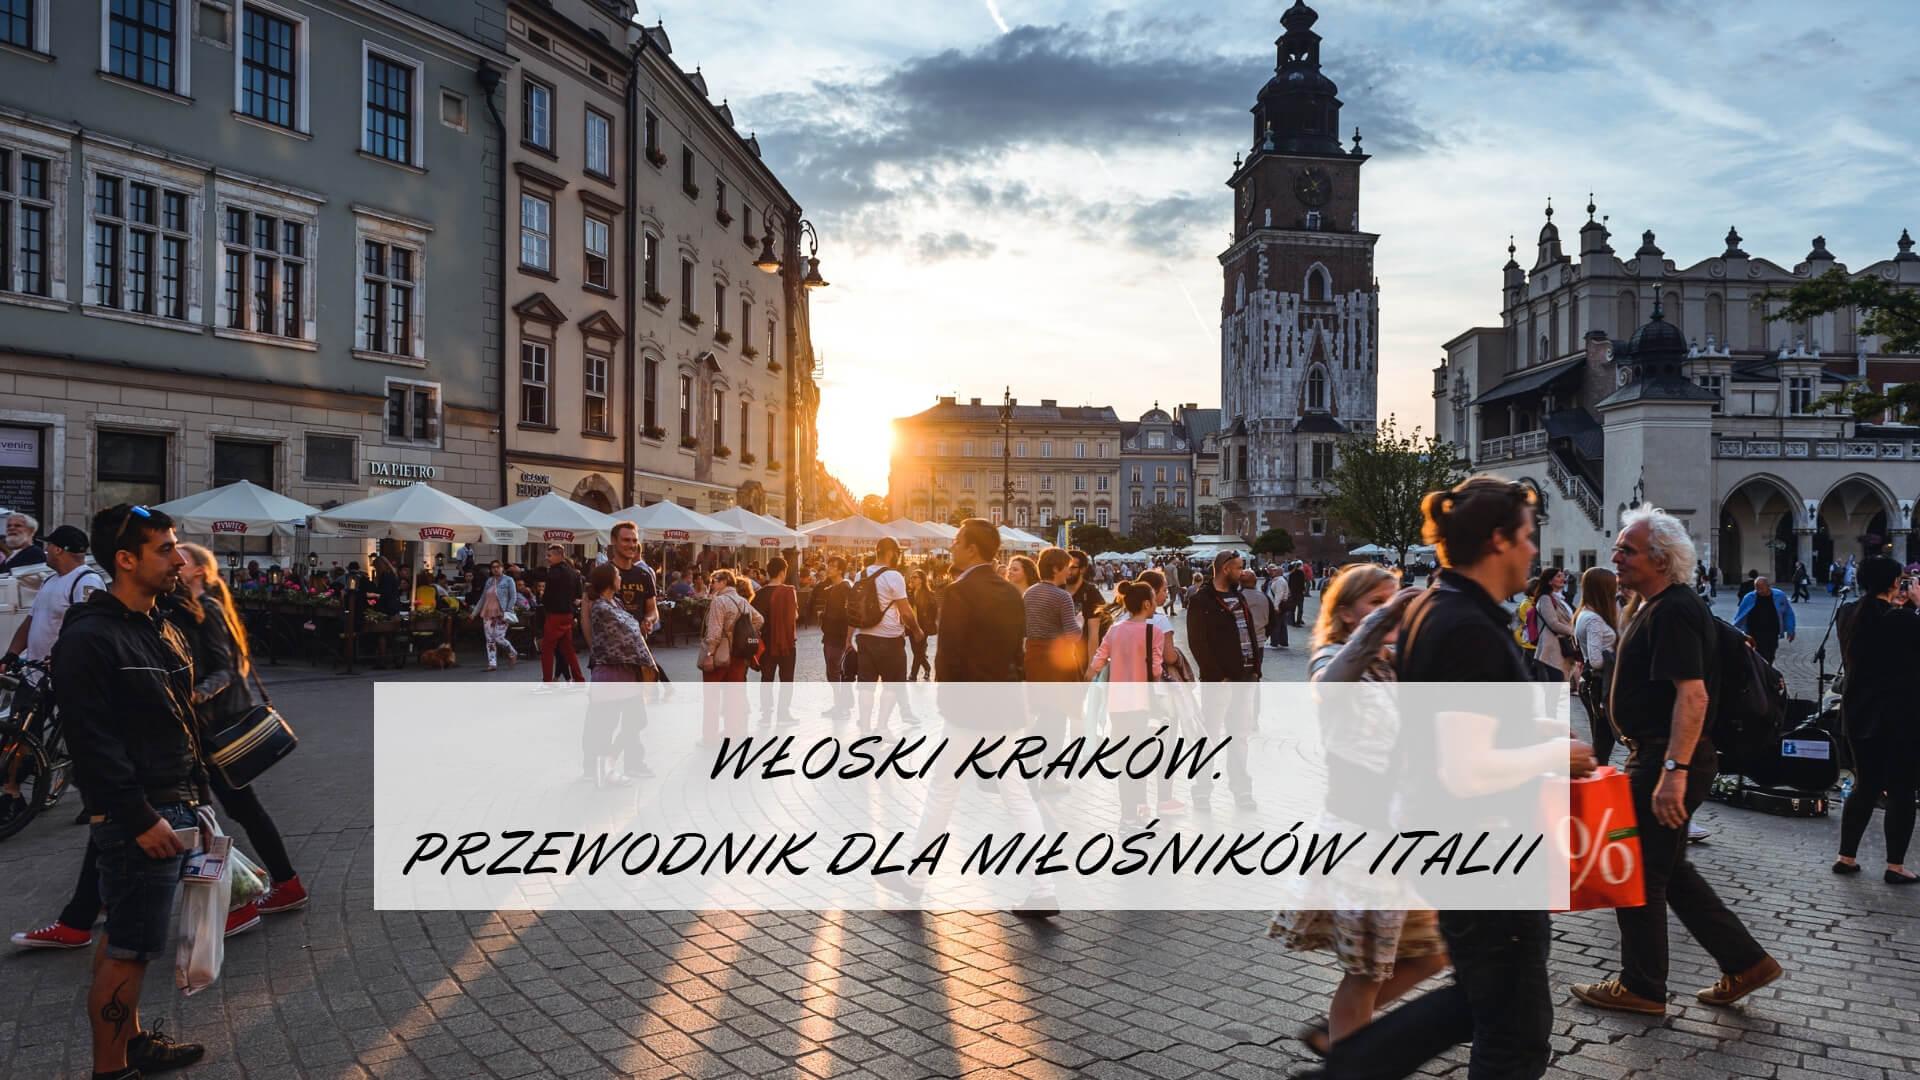 Włoski Krakow